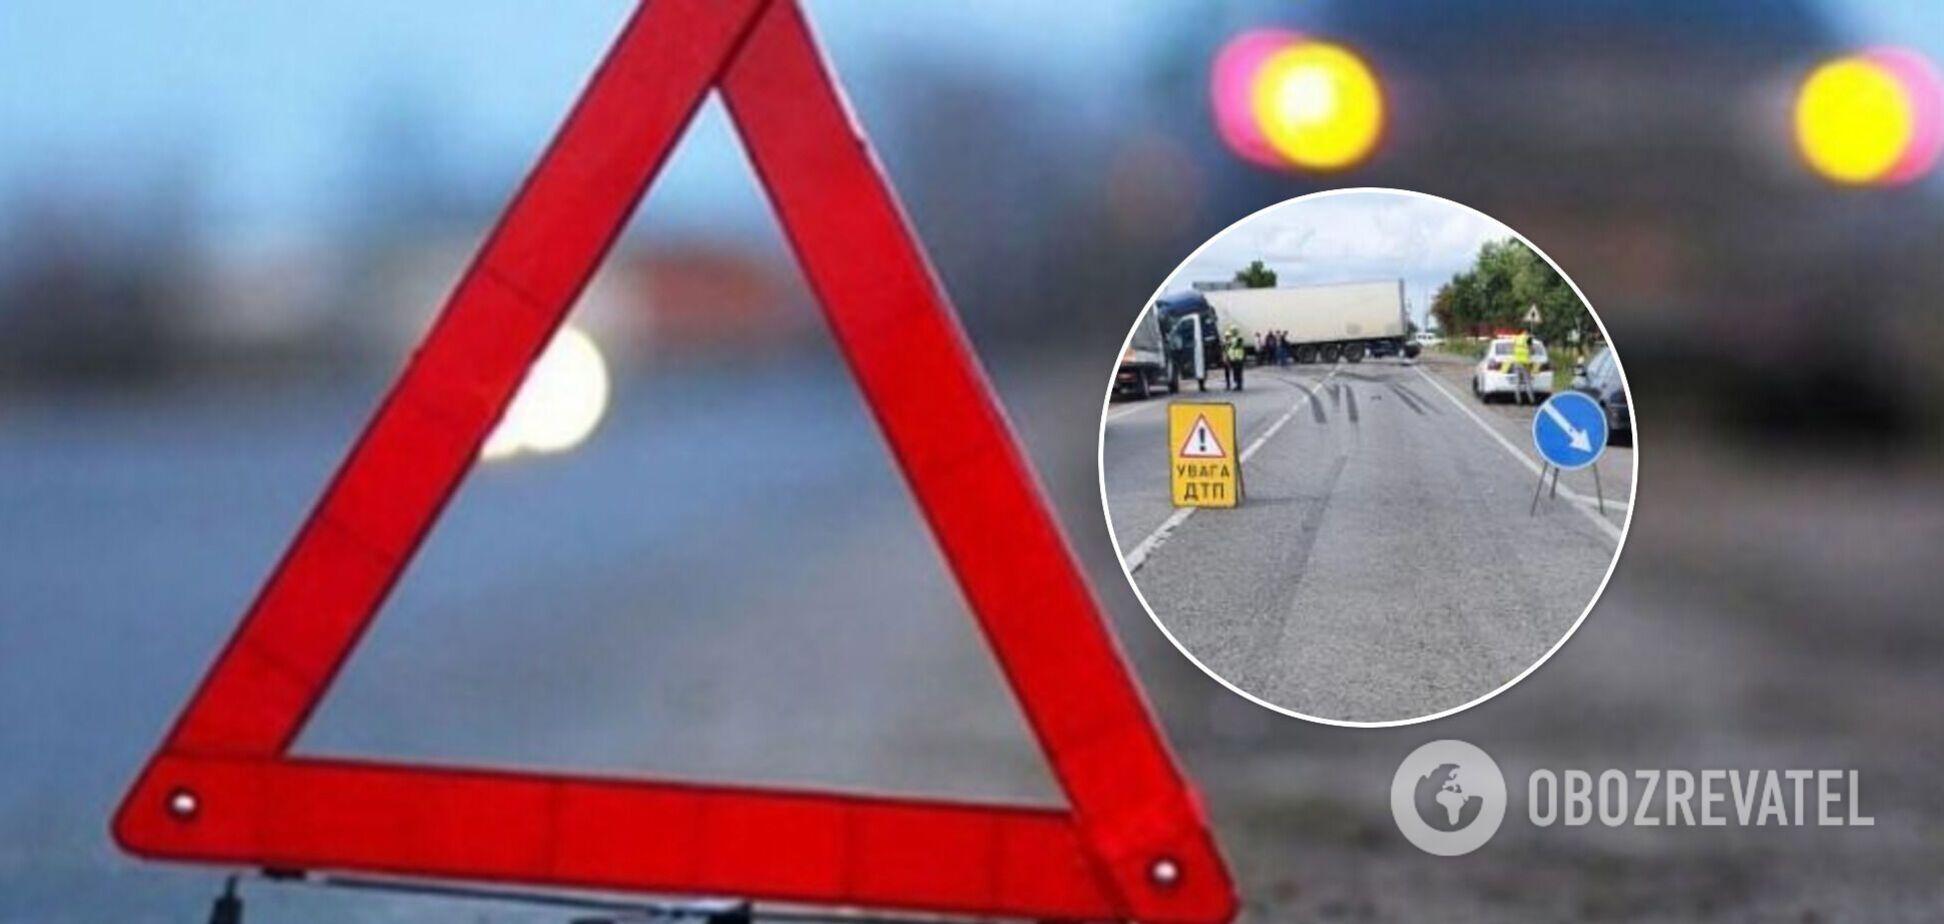 На Львівщині в ДТП загинула 11-річна дівчинка, три людини травмовані. Фото